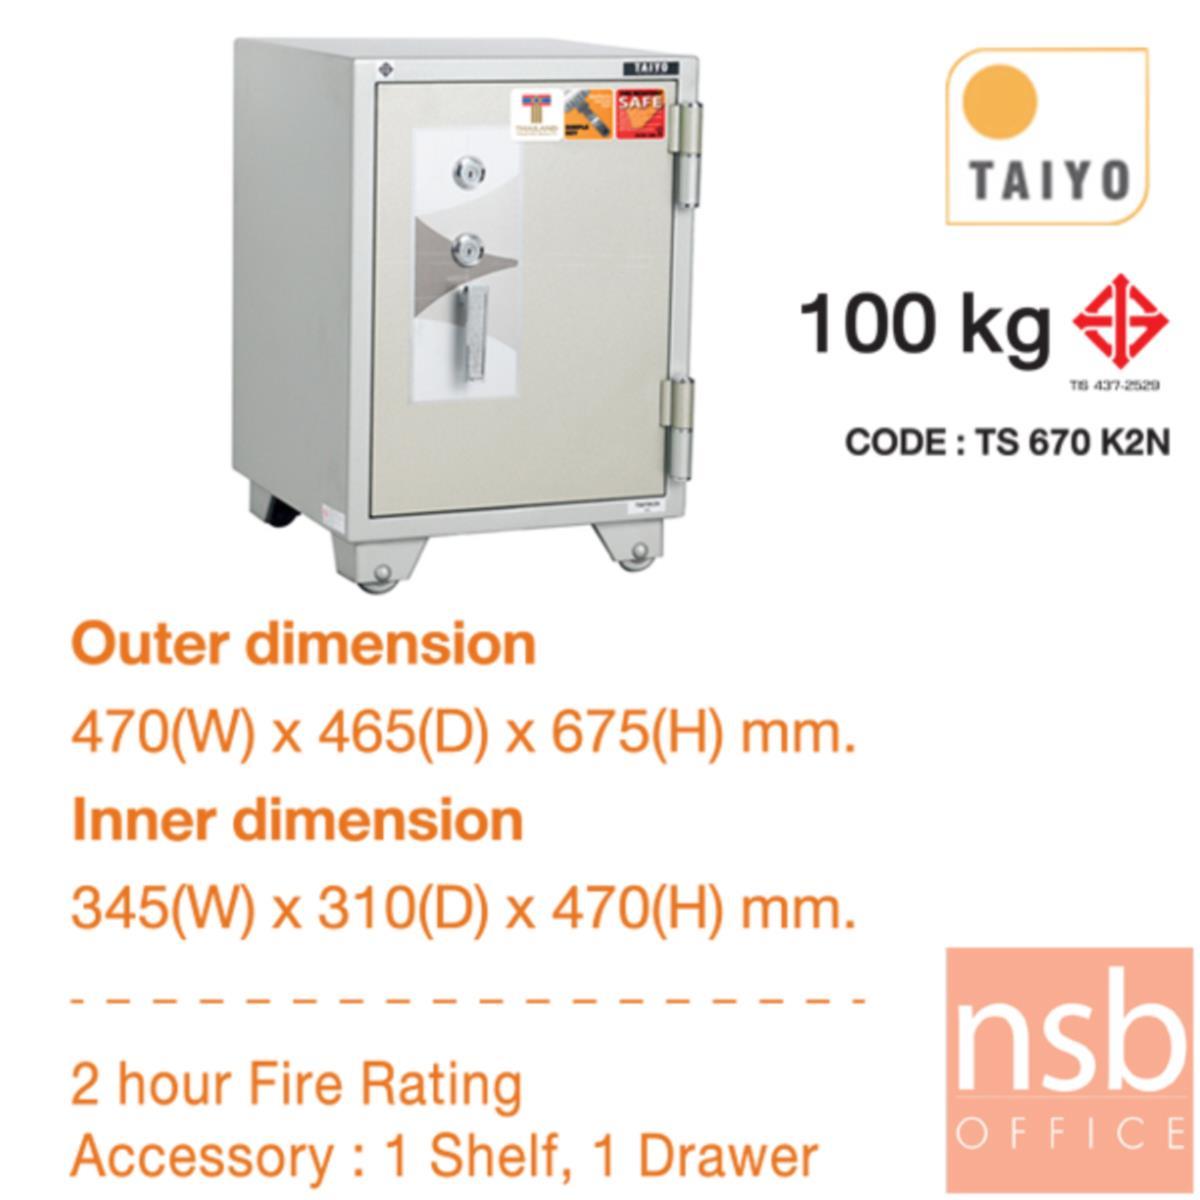 ตู้เซฟ TAIYO 100 กก. 2 กุญแจ ไม่มีรหัส   (TS 670 K2N มอก.)